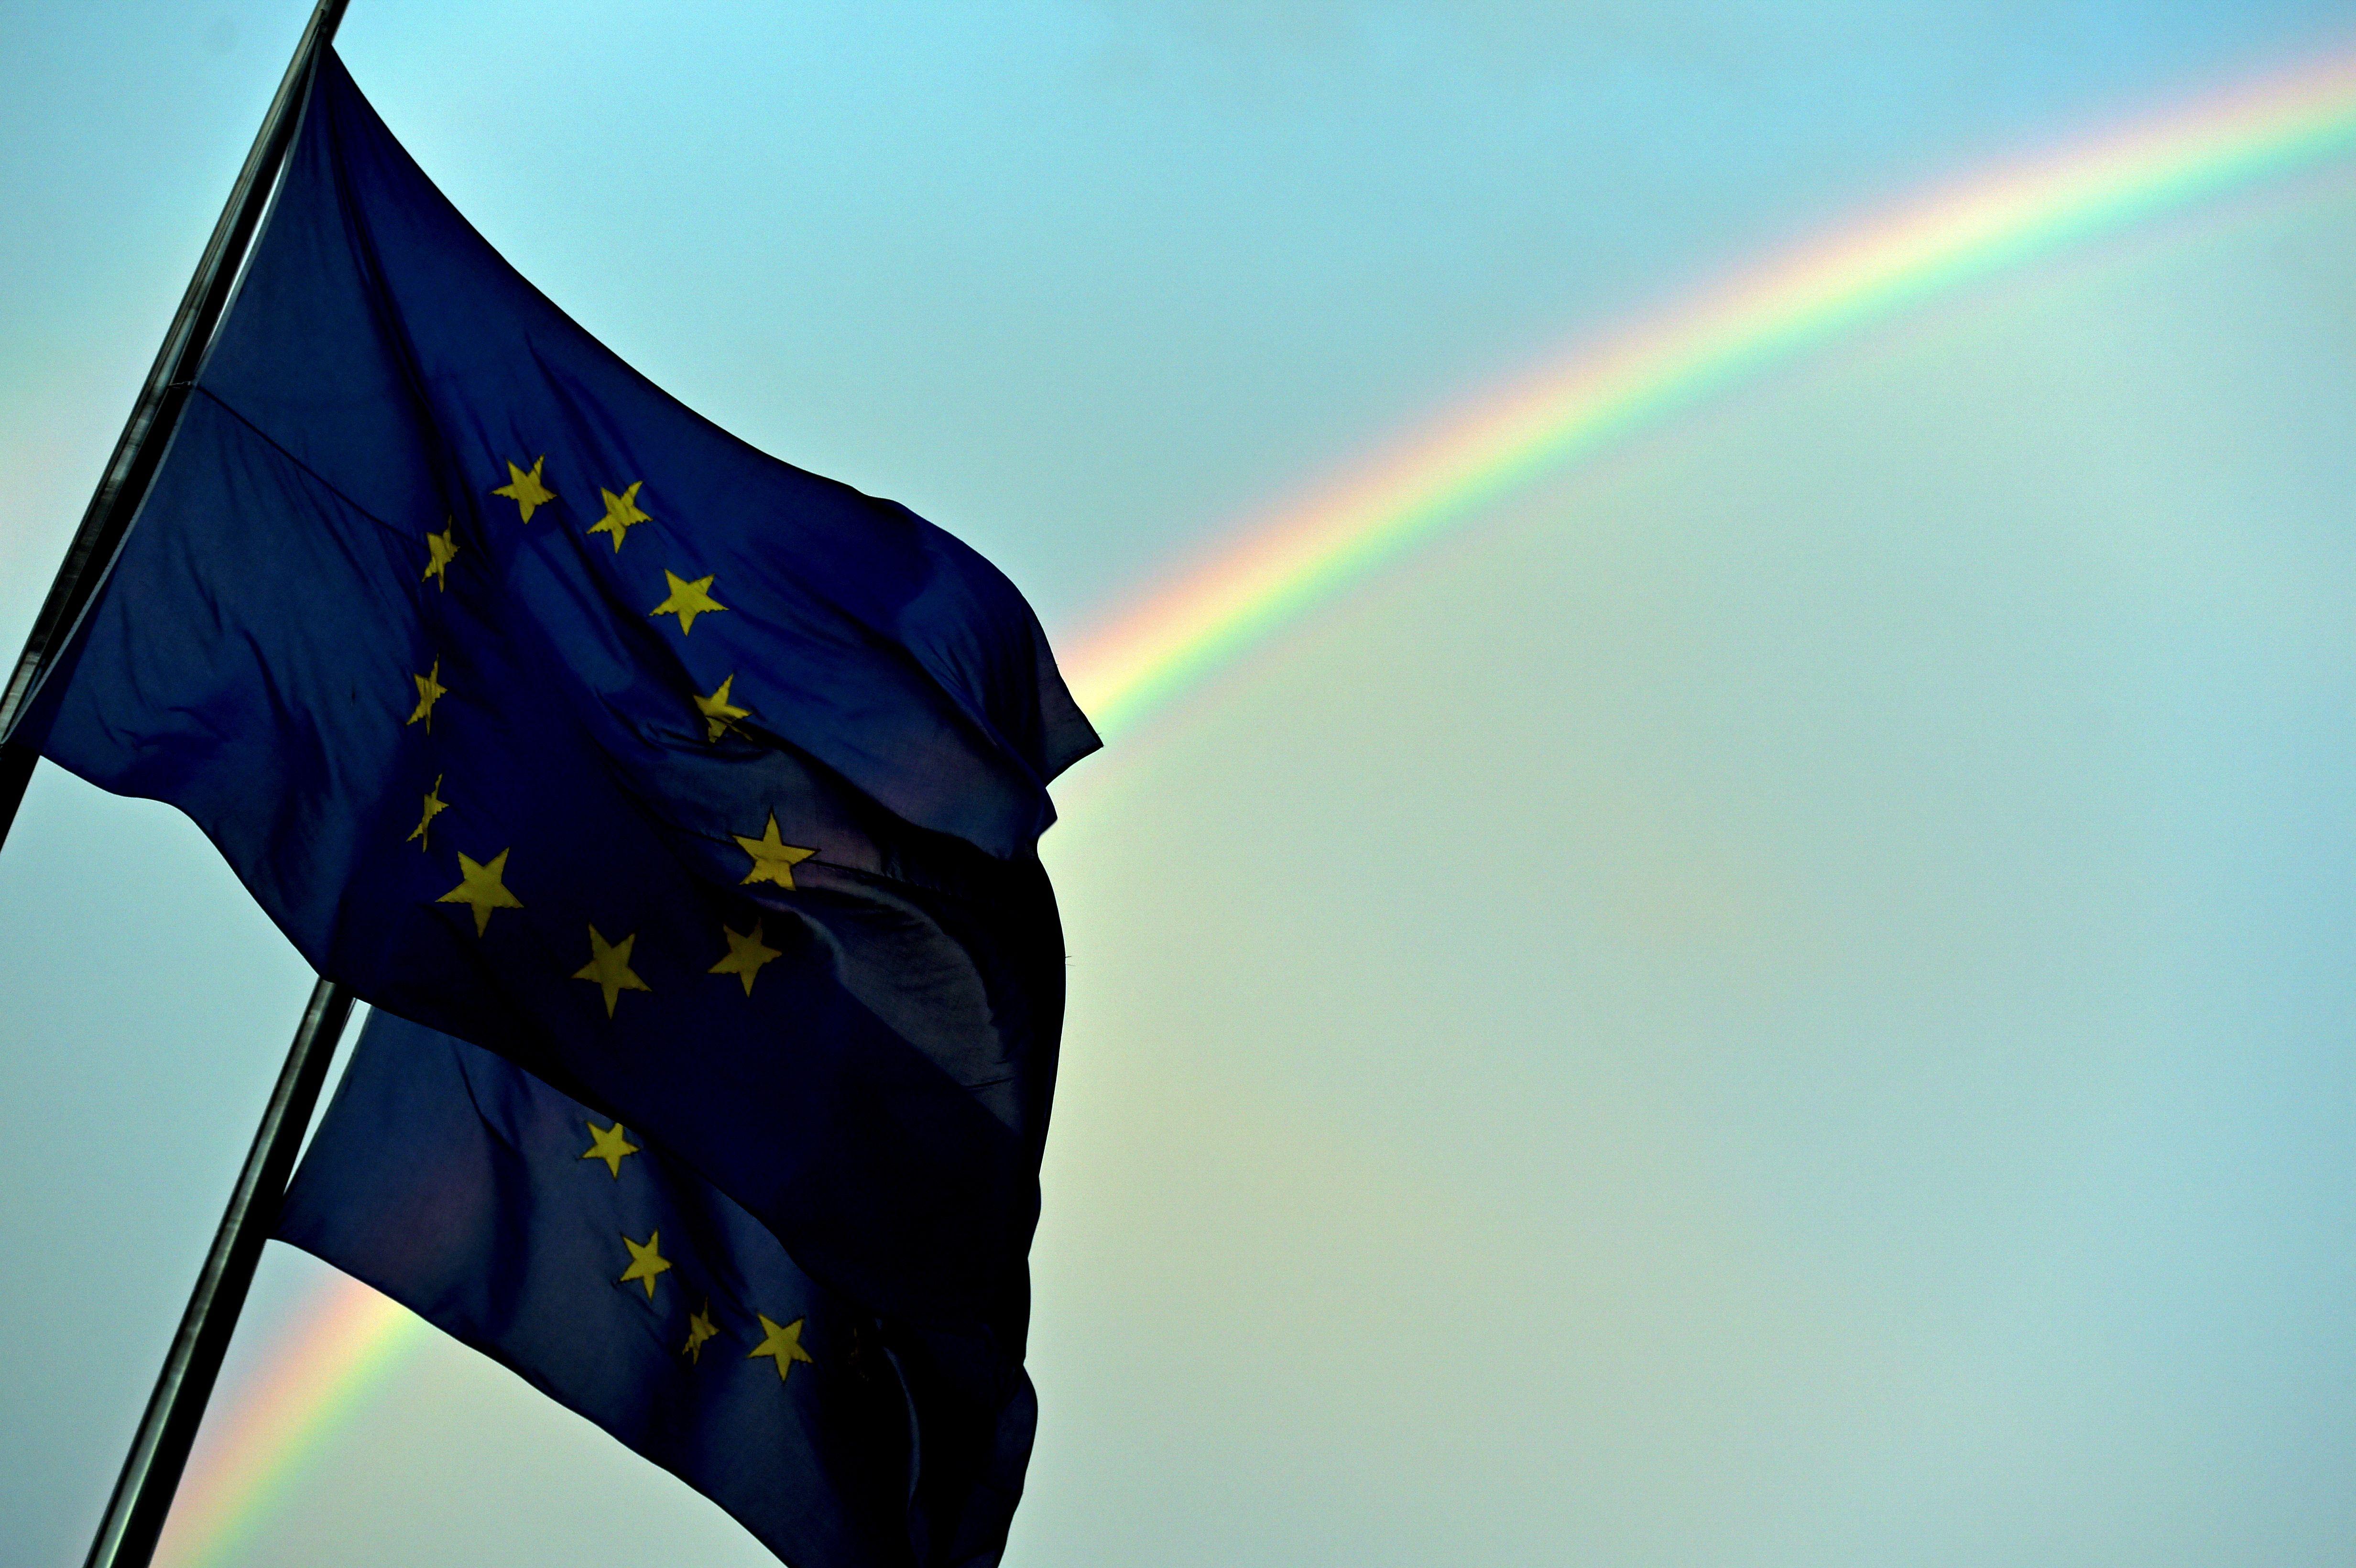 La Croatie passe à droite, l'Europe de l'est durcit le ton